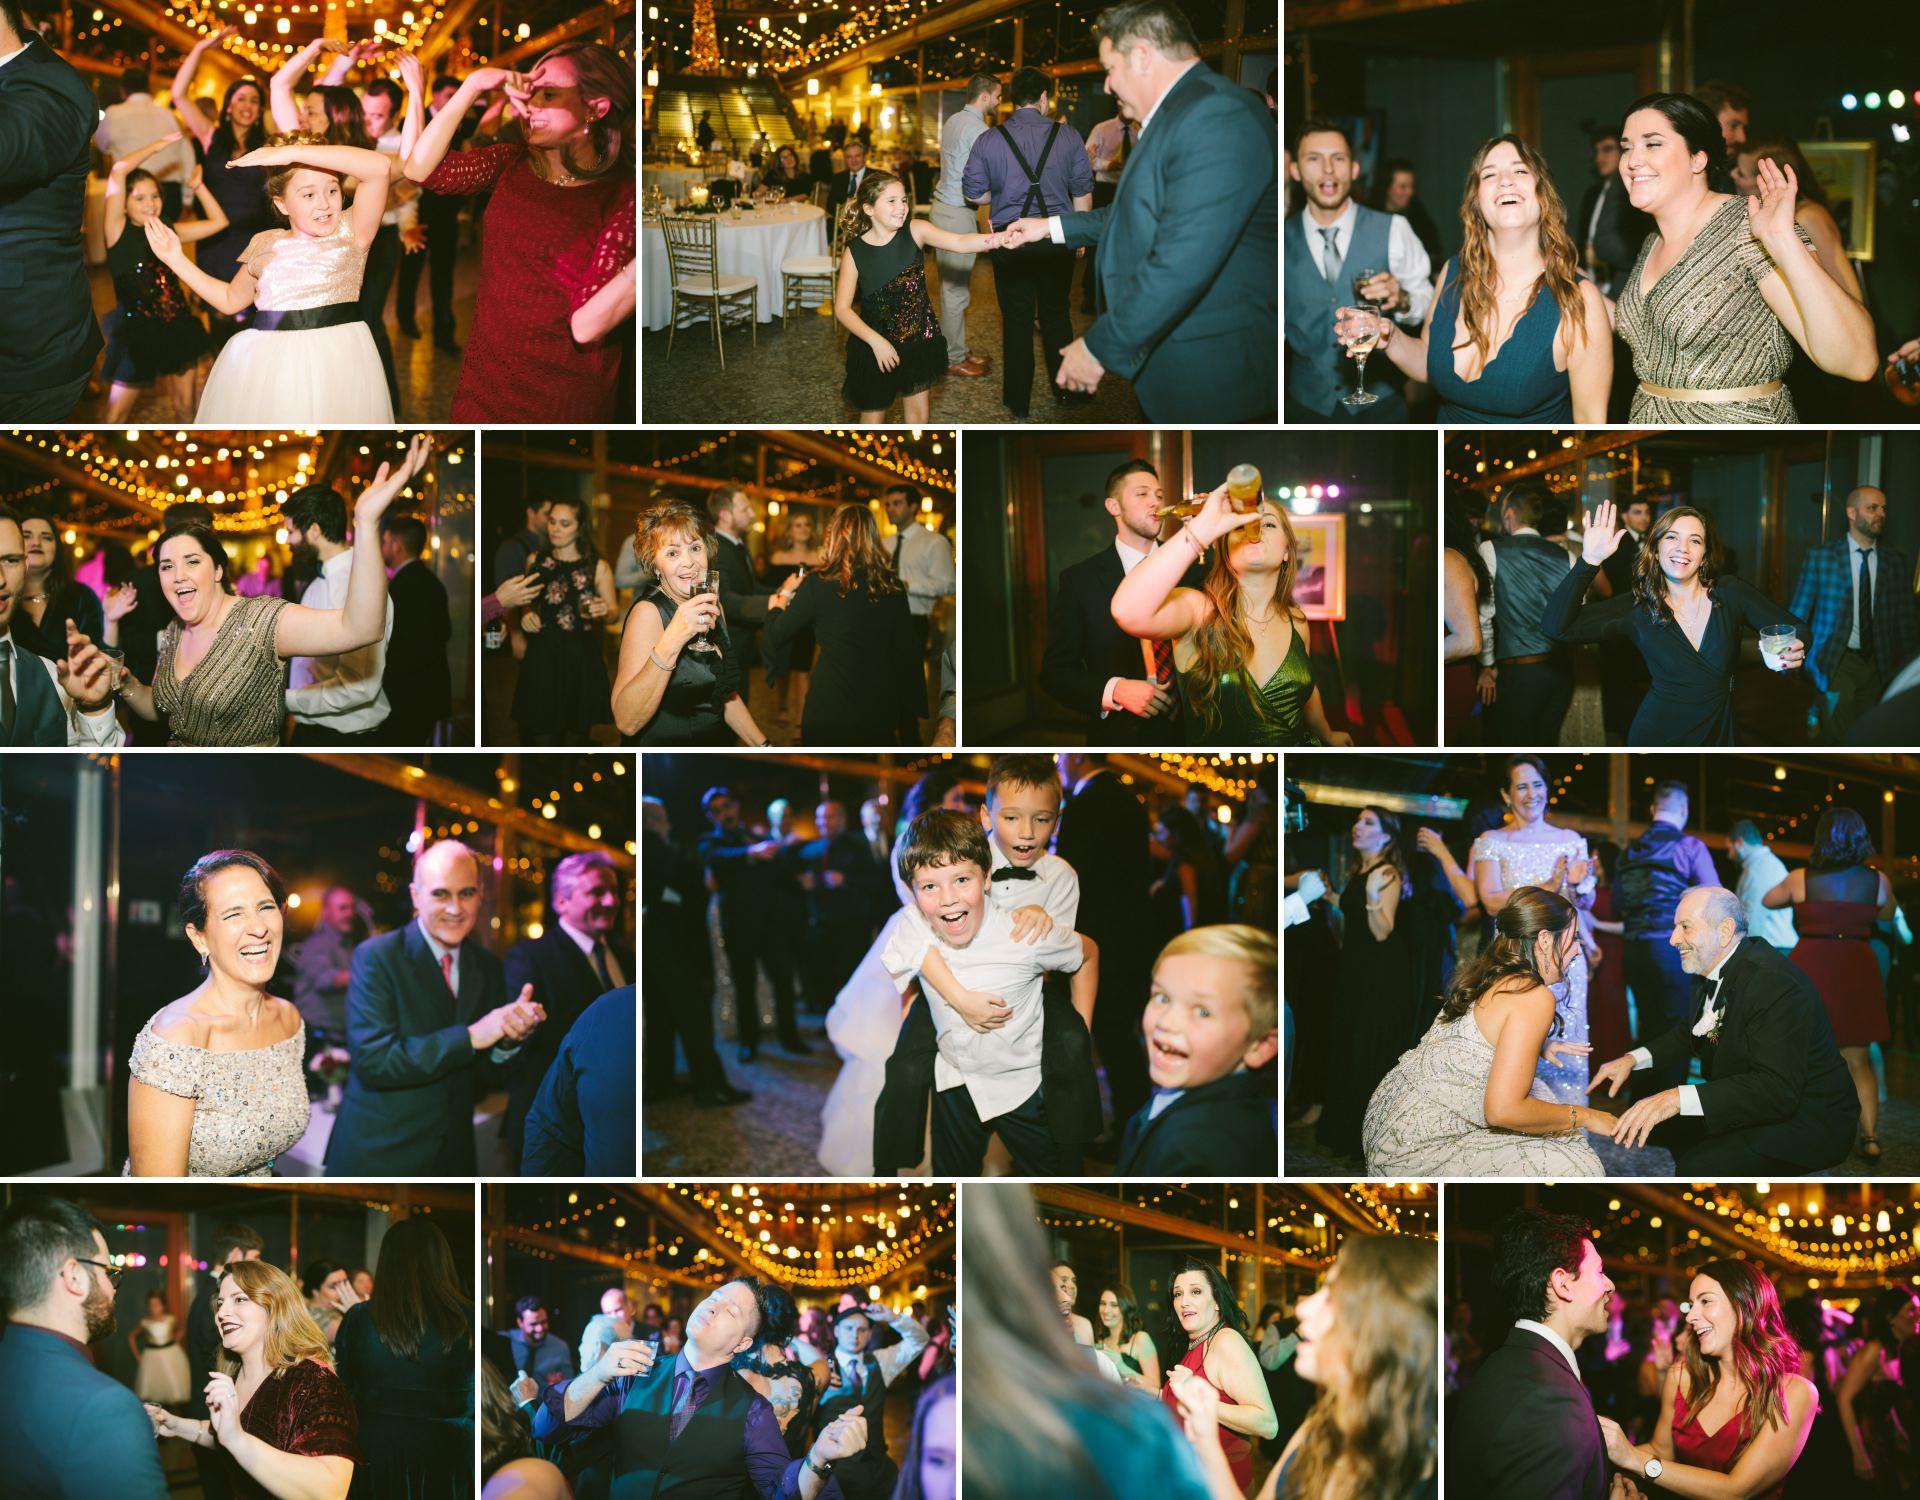 Hyatt Old Arcade Wedding Photographer in Cleveland 2 25.jpg